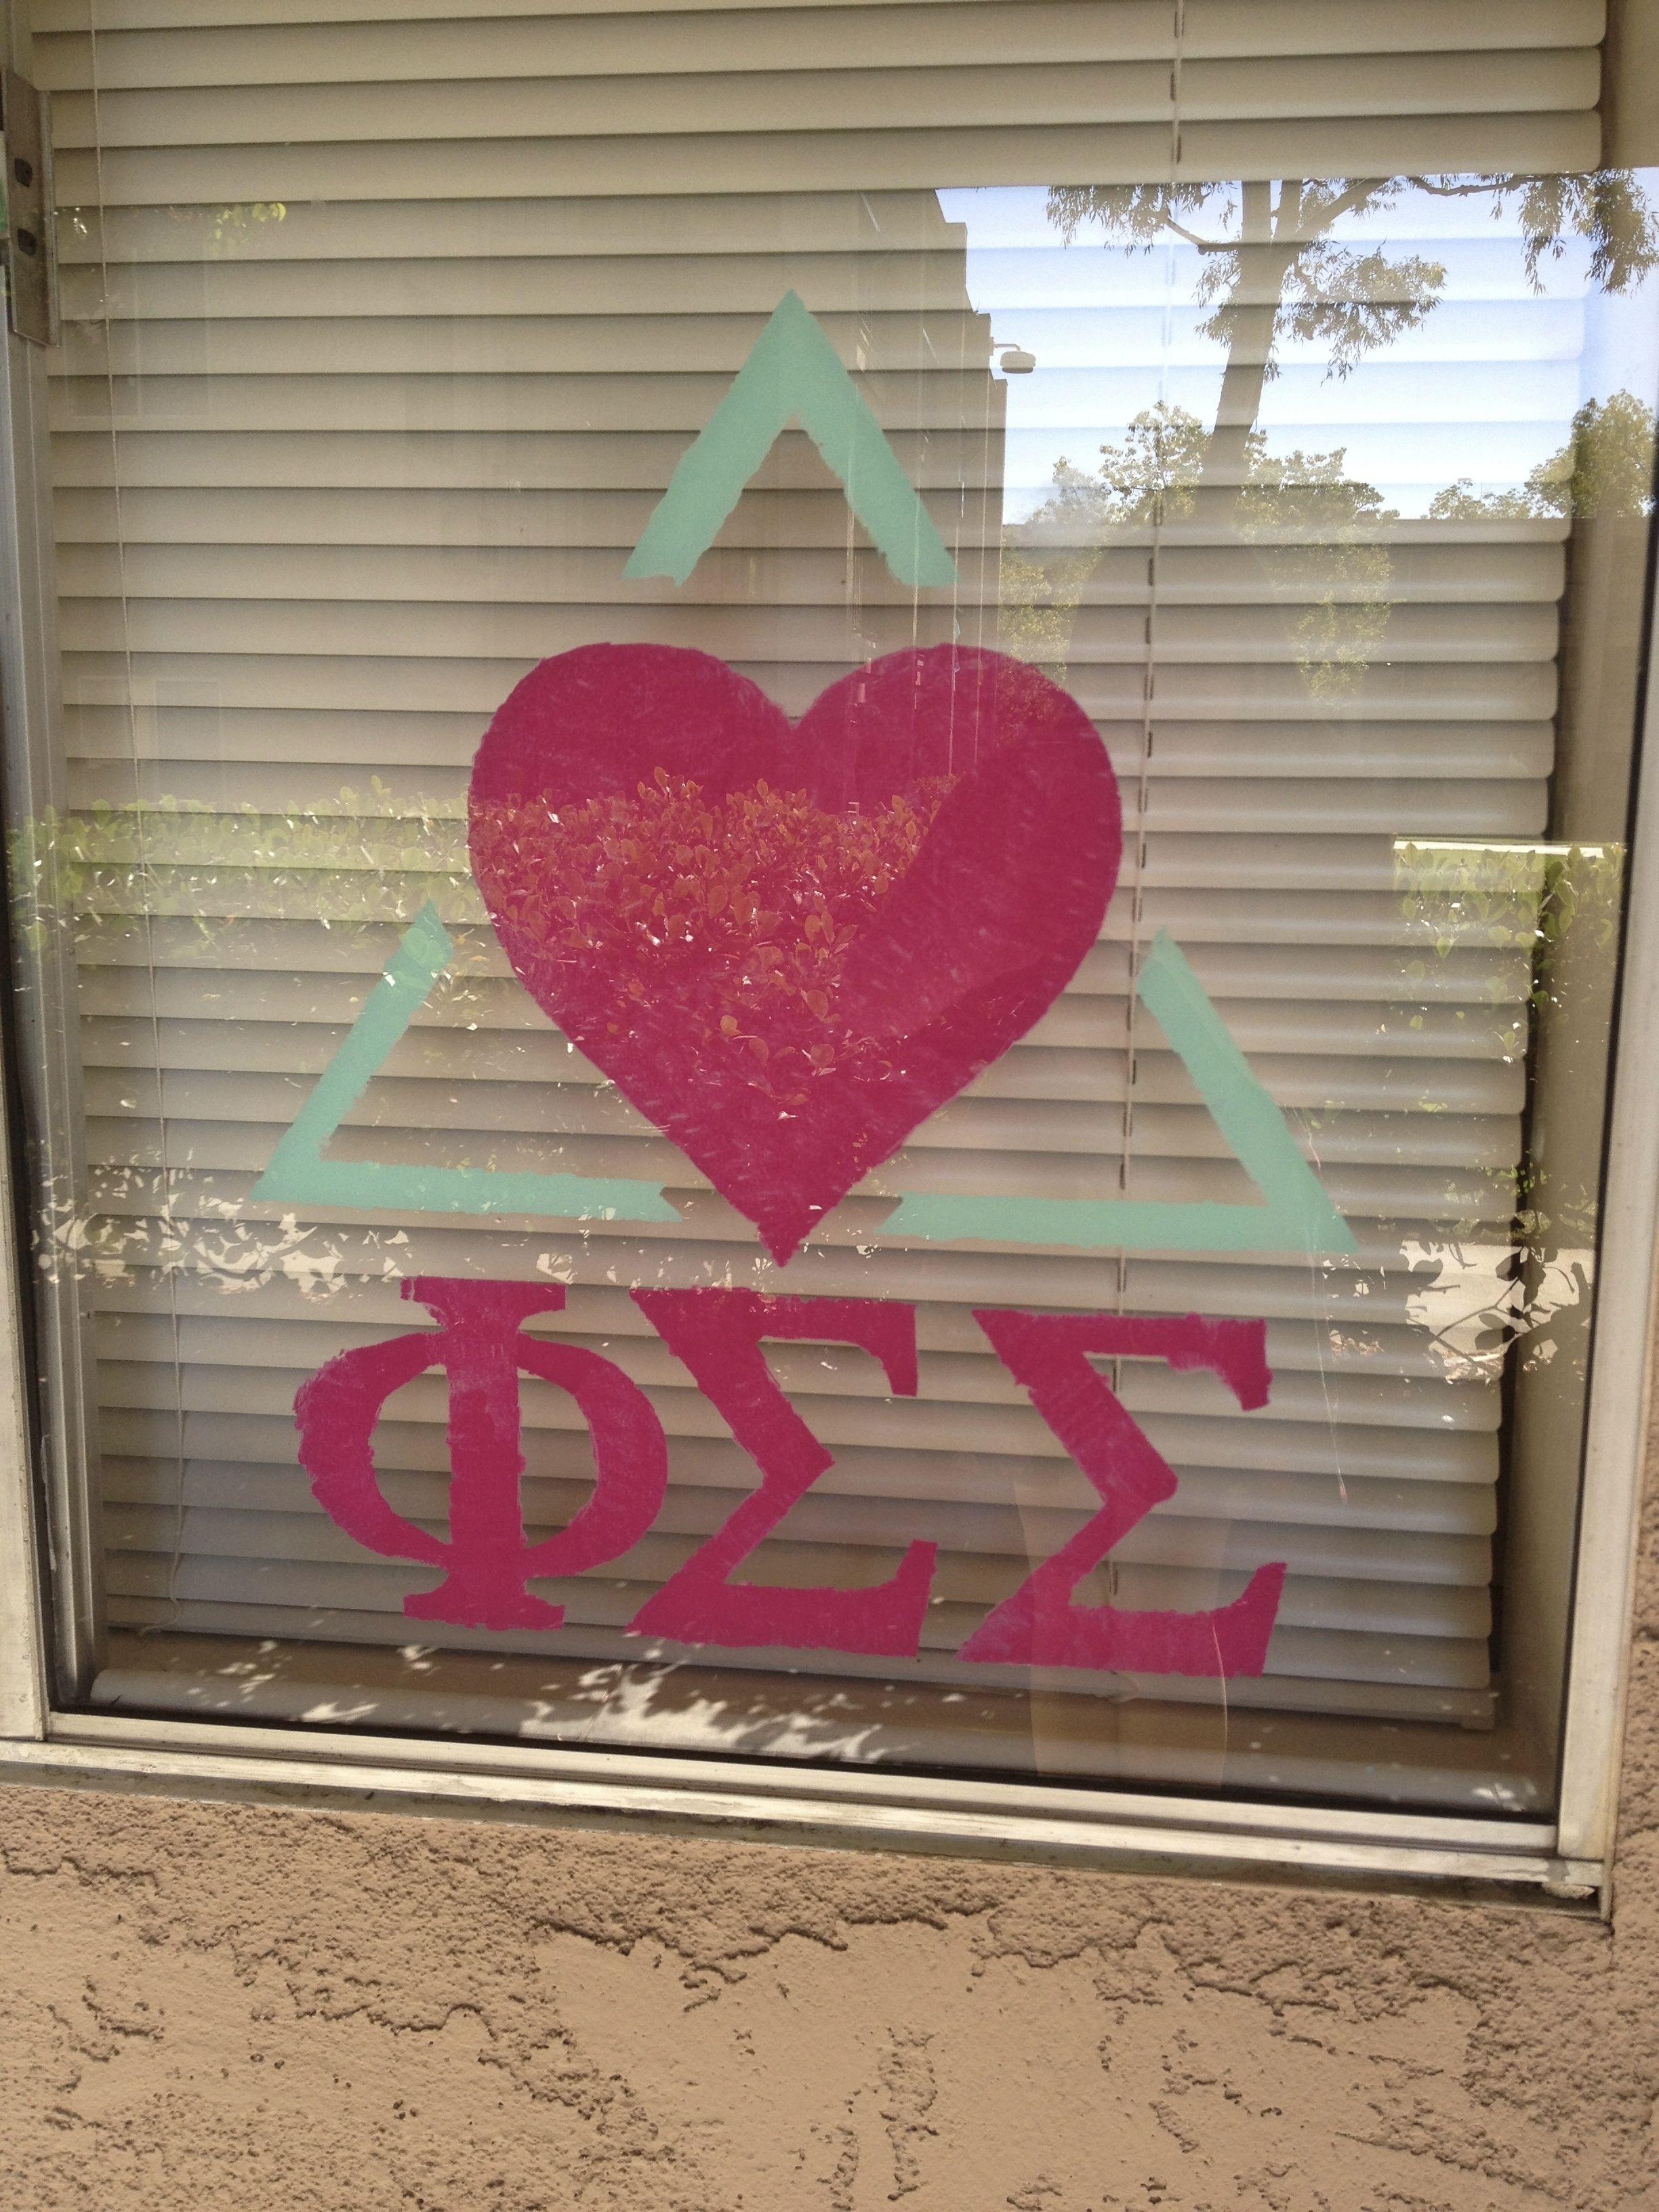 Phi Sigma Sigma Window Paint #PhiSigmaSigma  #PhiSig #DeltaEta #UniversityofDelaware #UD #UDel